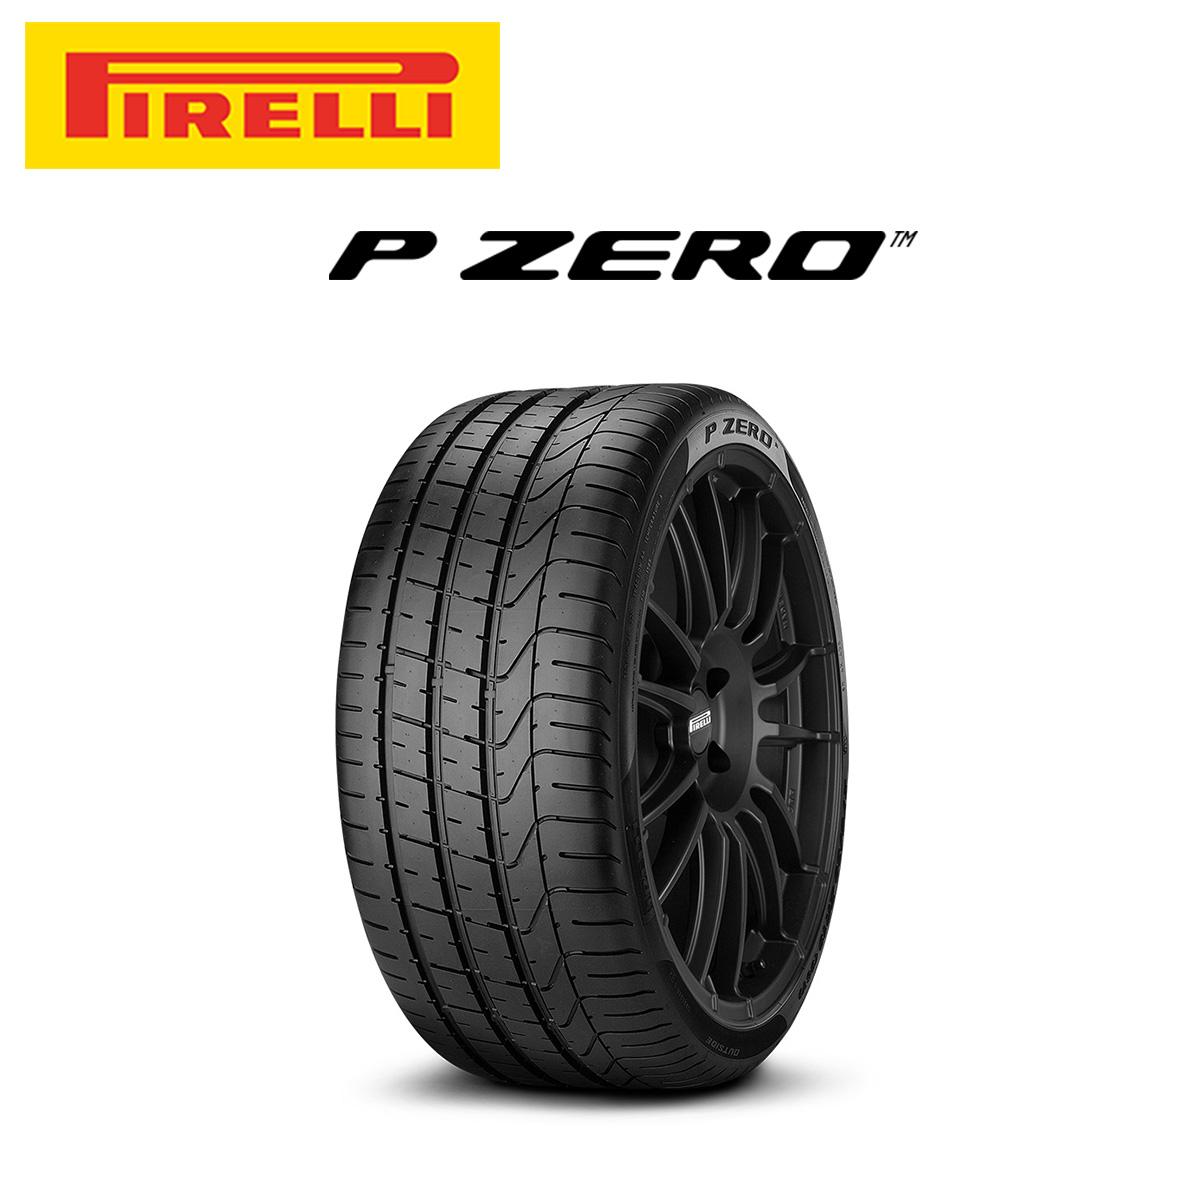 ピレリ PIRELLI P ZERO ピーゼロ 20インチ サマー タイヤ 4本 セット 265/35R20 99Y XL AO:アウディ承認タイヤ 2034700